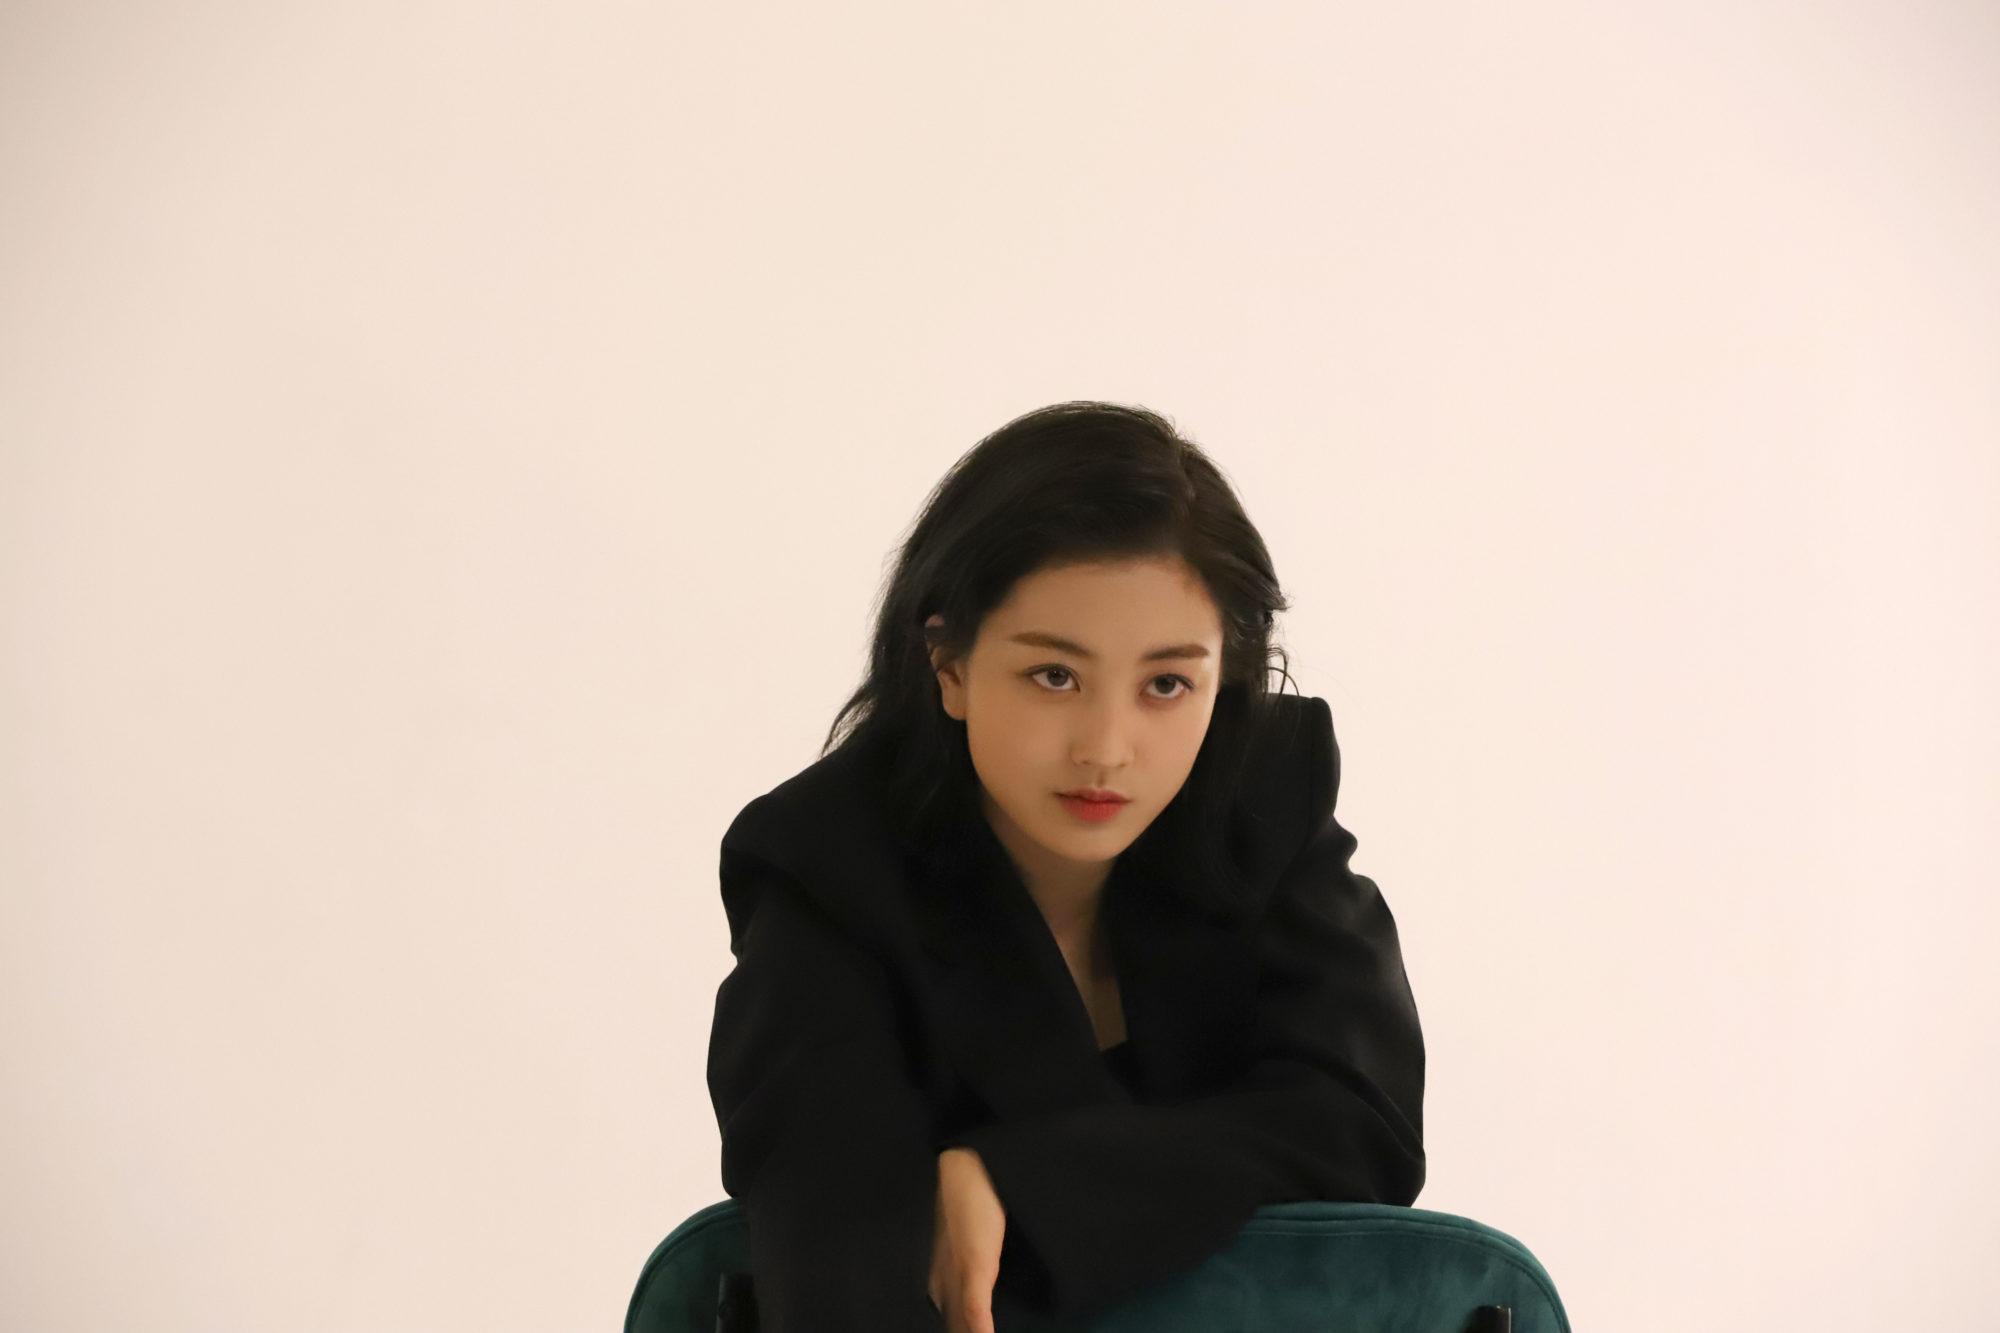 Twice Allure Jihyo 2019 HD